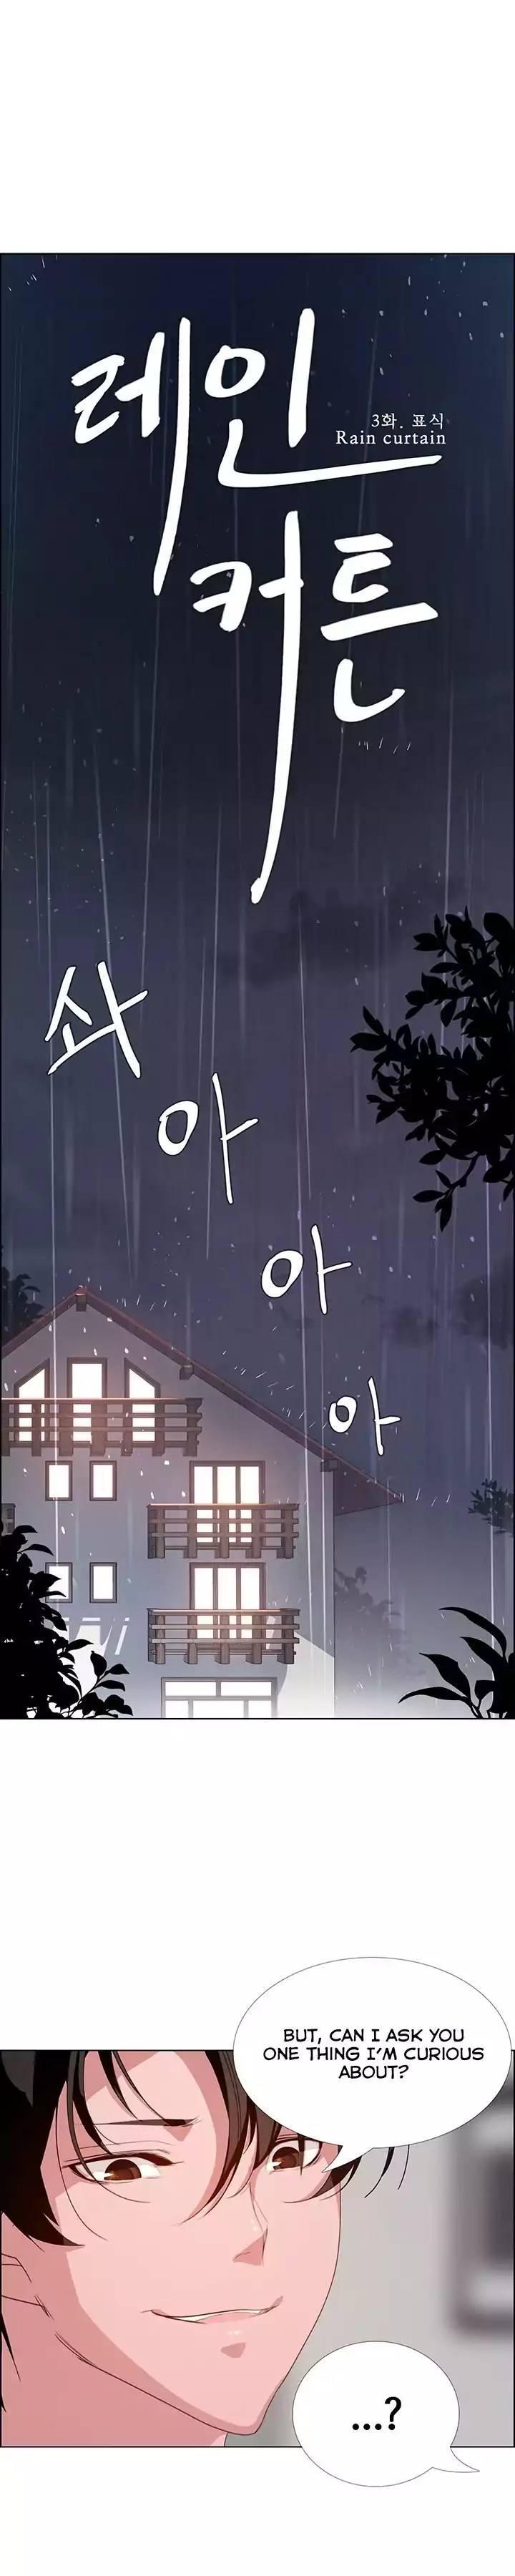 Rain Curtain Ch.30/40 64